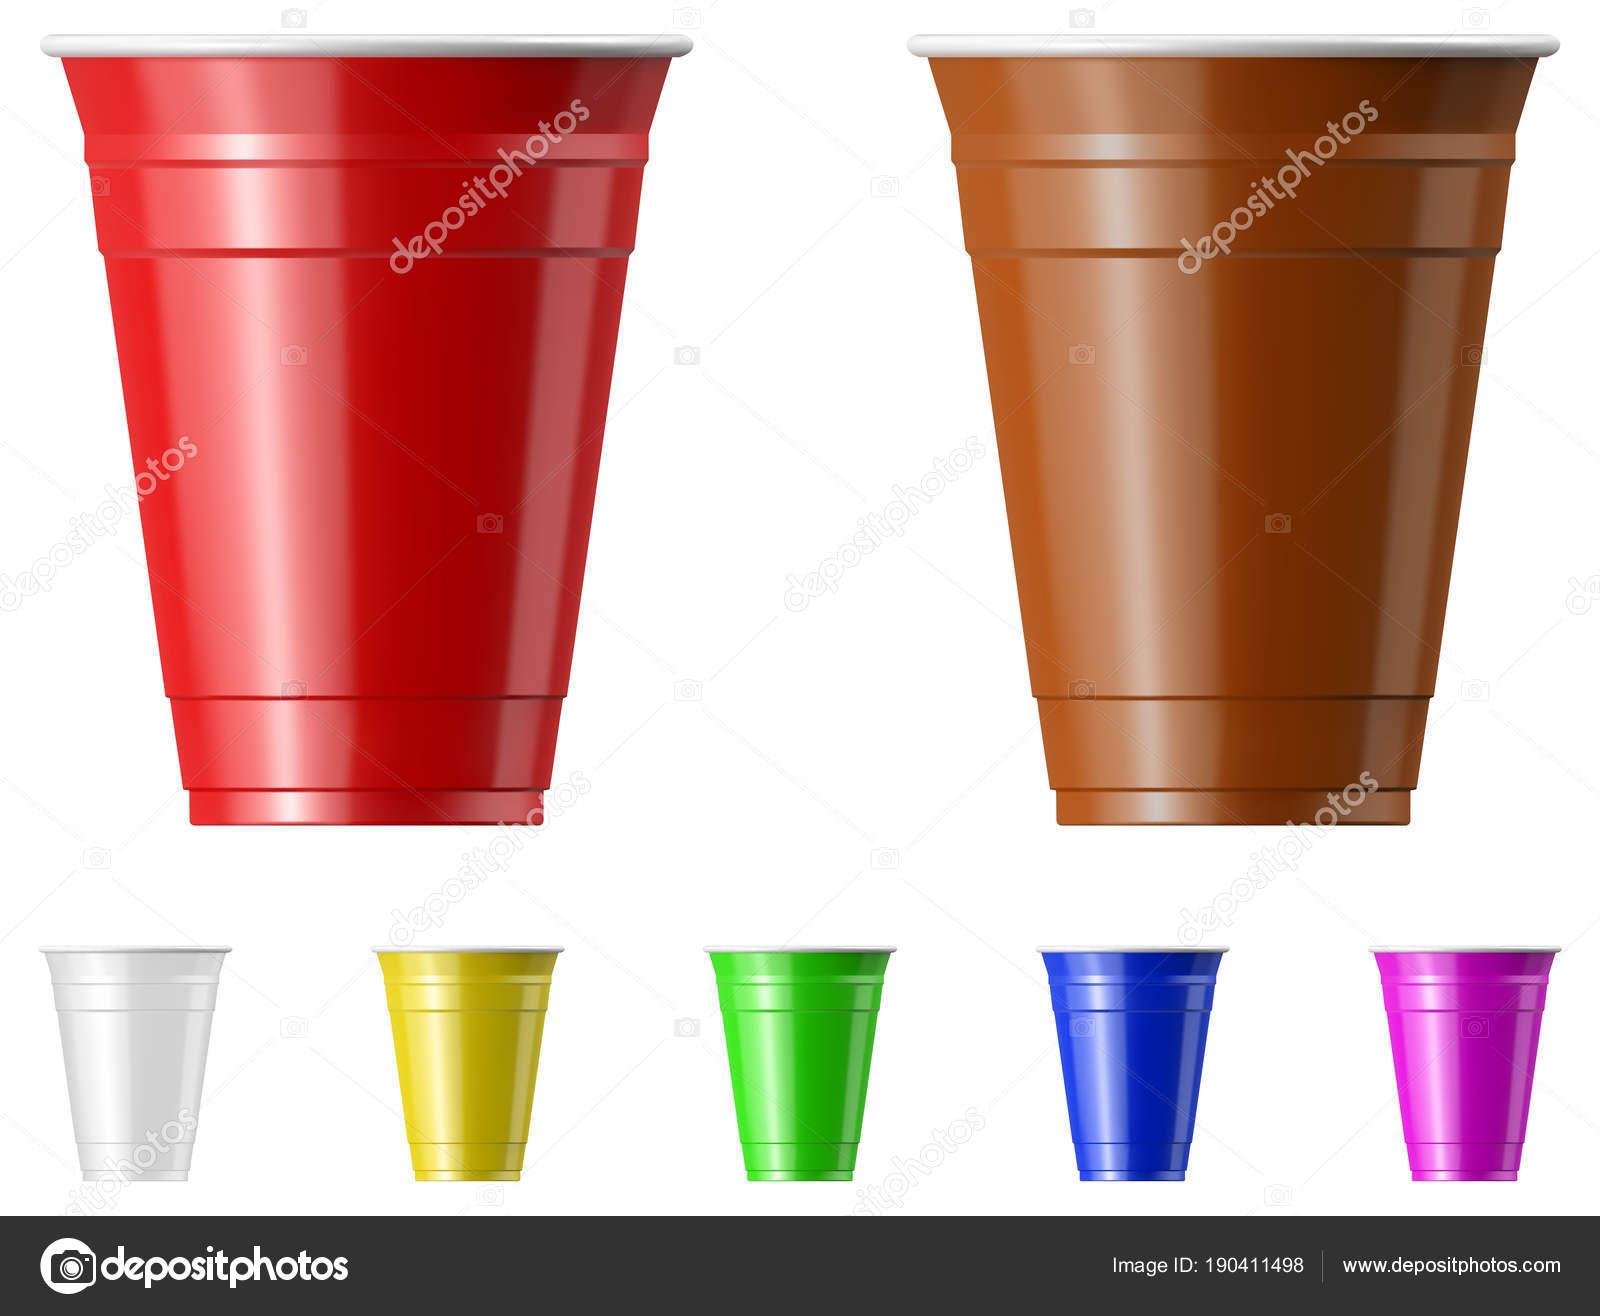 Imagenes Vasos De Plastico Juego De Vasos De Plastico Vector De